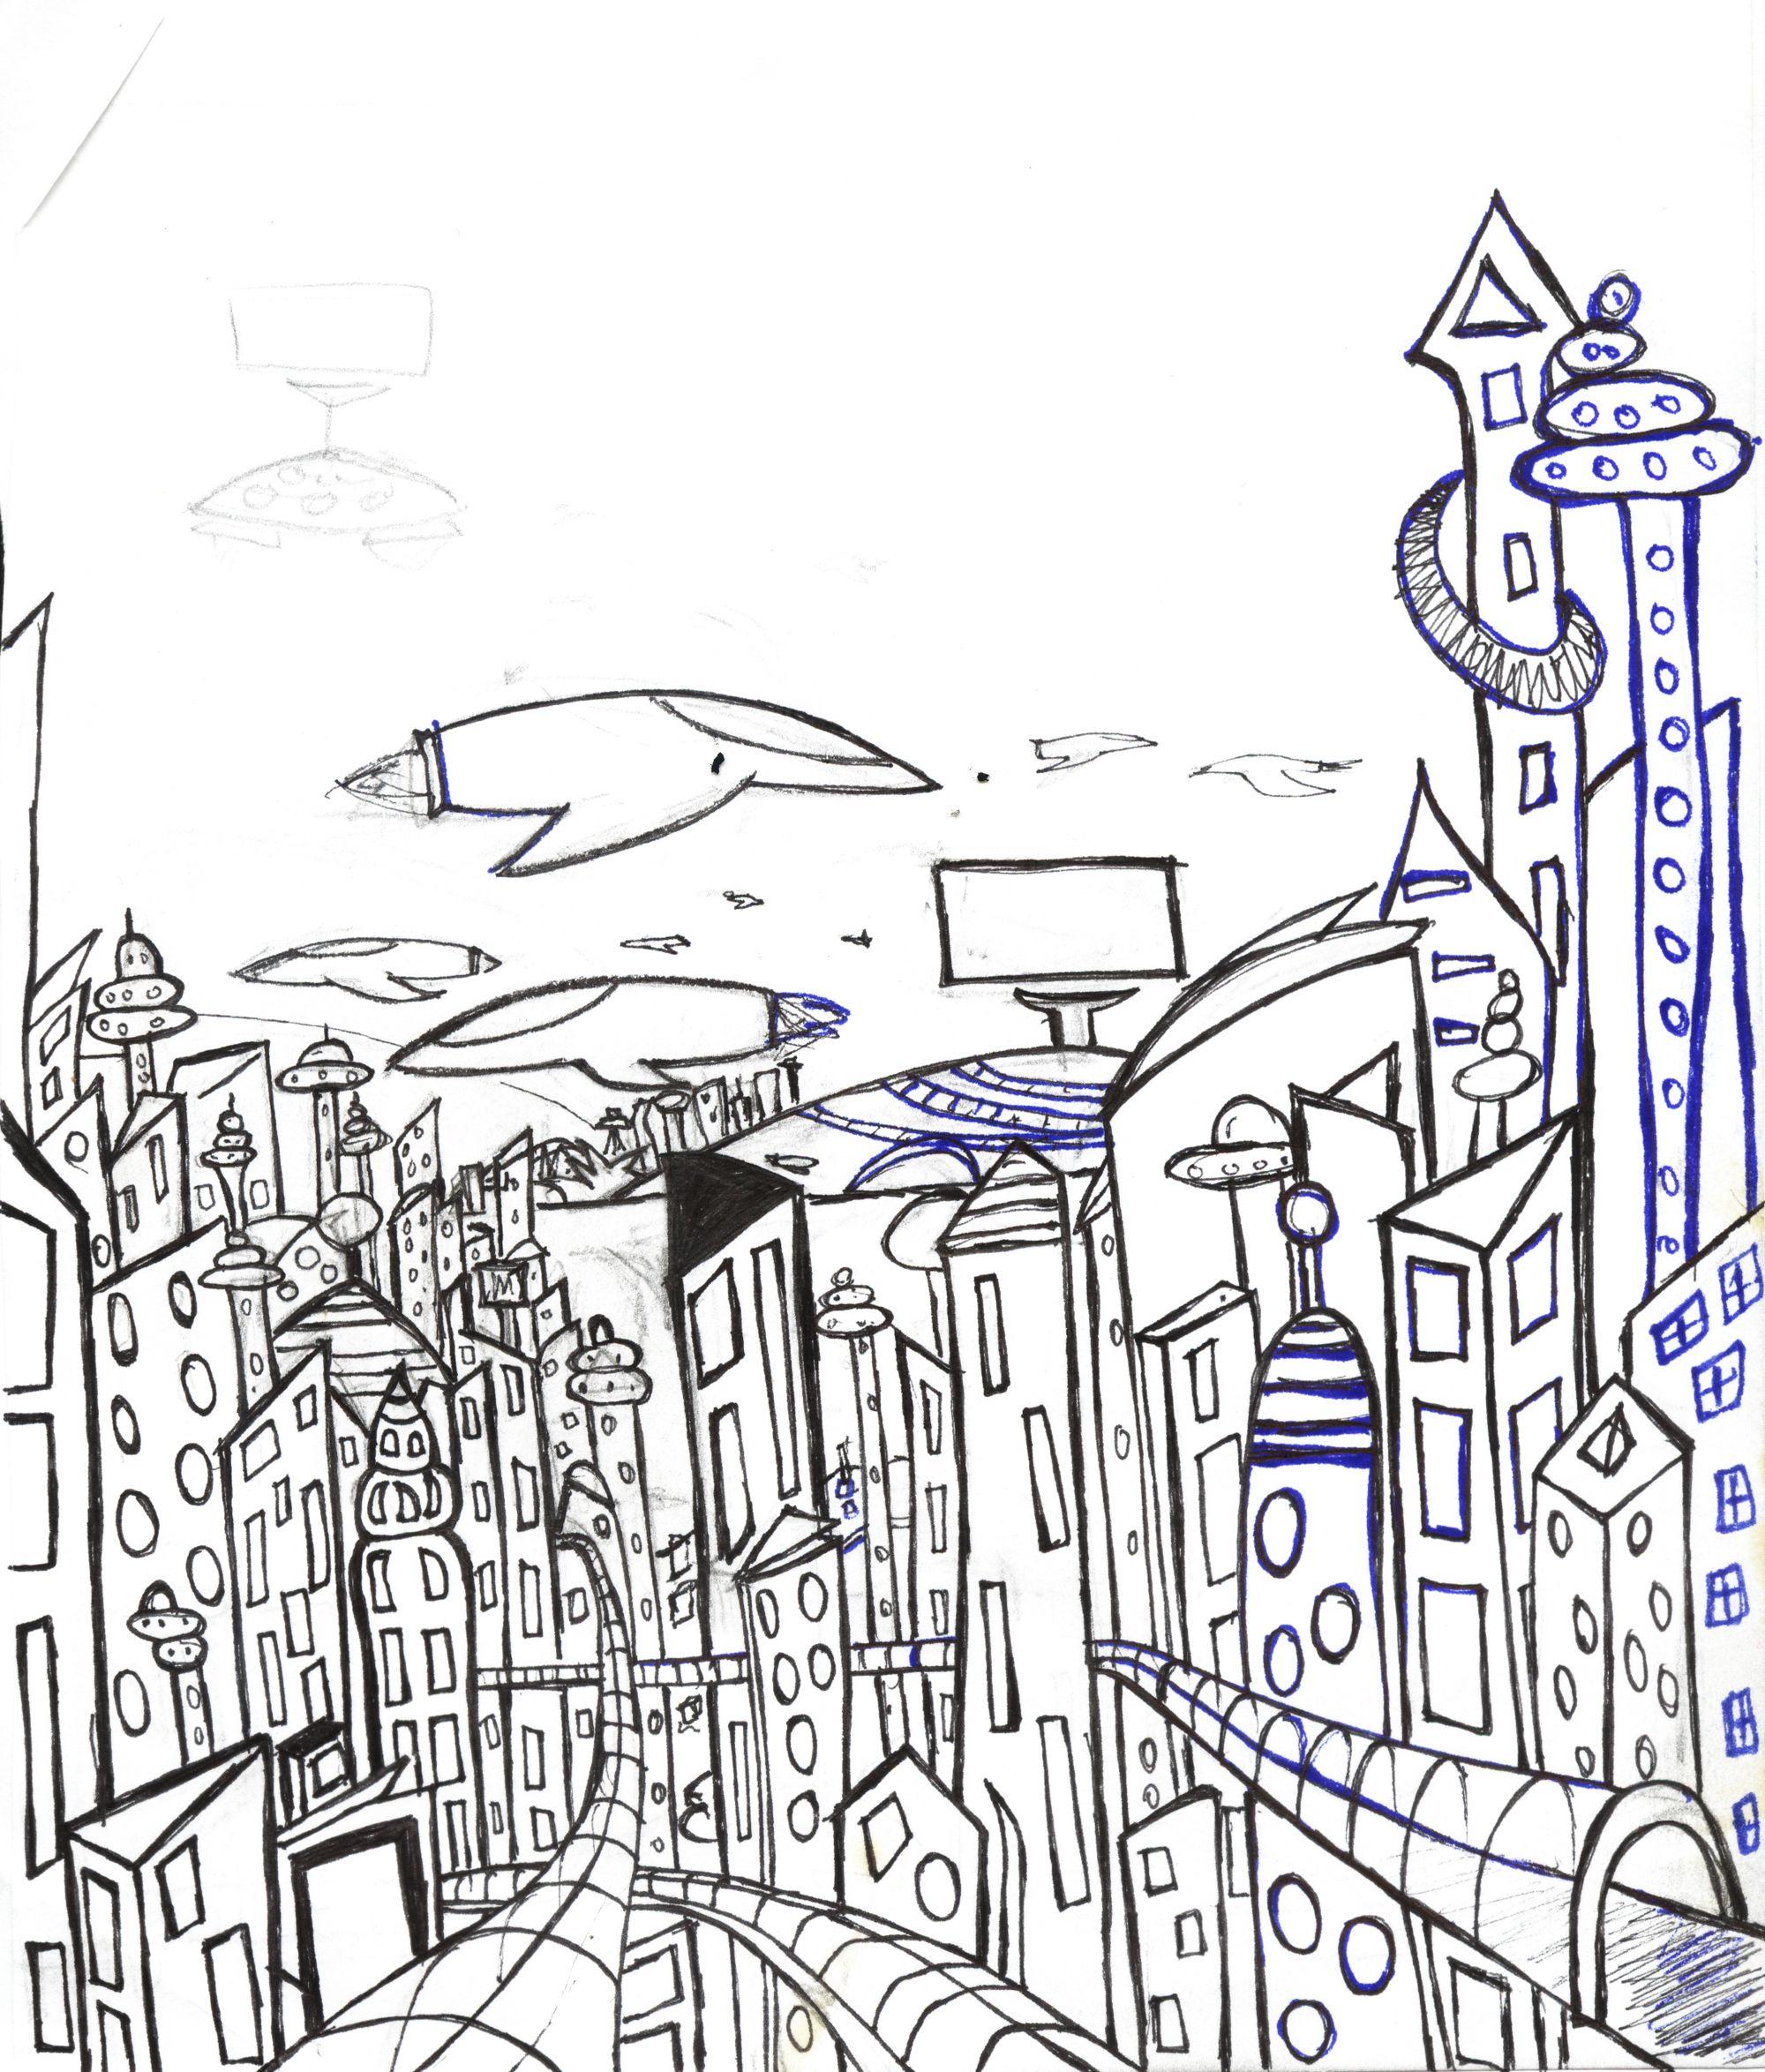 Future City Futuristic City City Sketch Futuristic